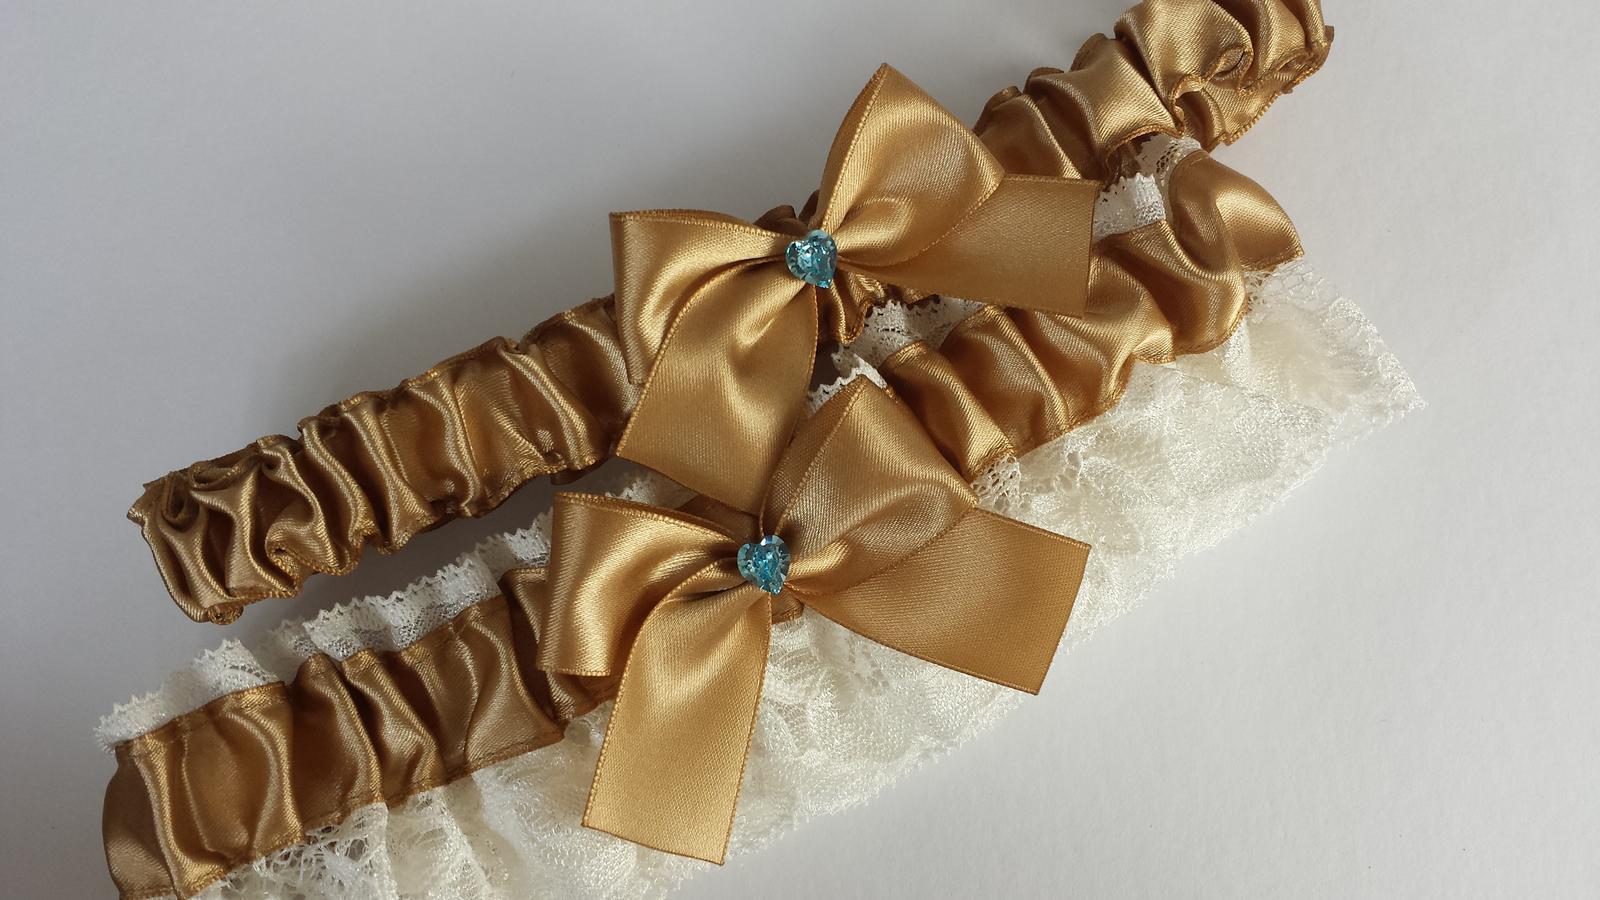 Podvazky + nově sady Swarovski podvazků - Zlatá sada, ivory krajka